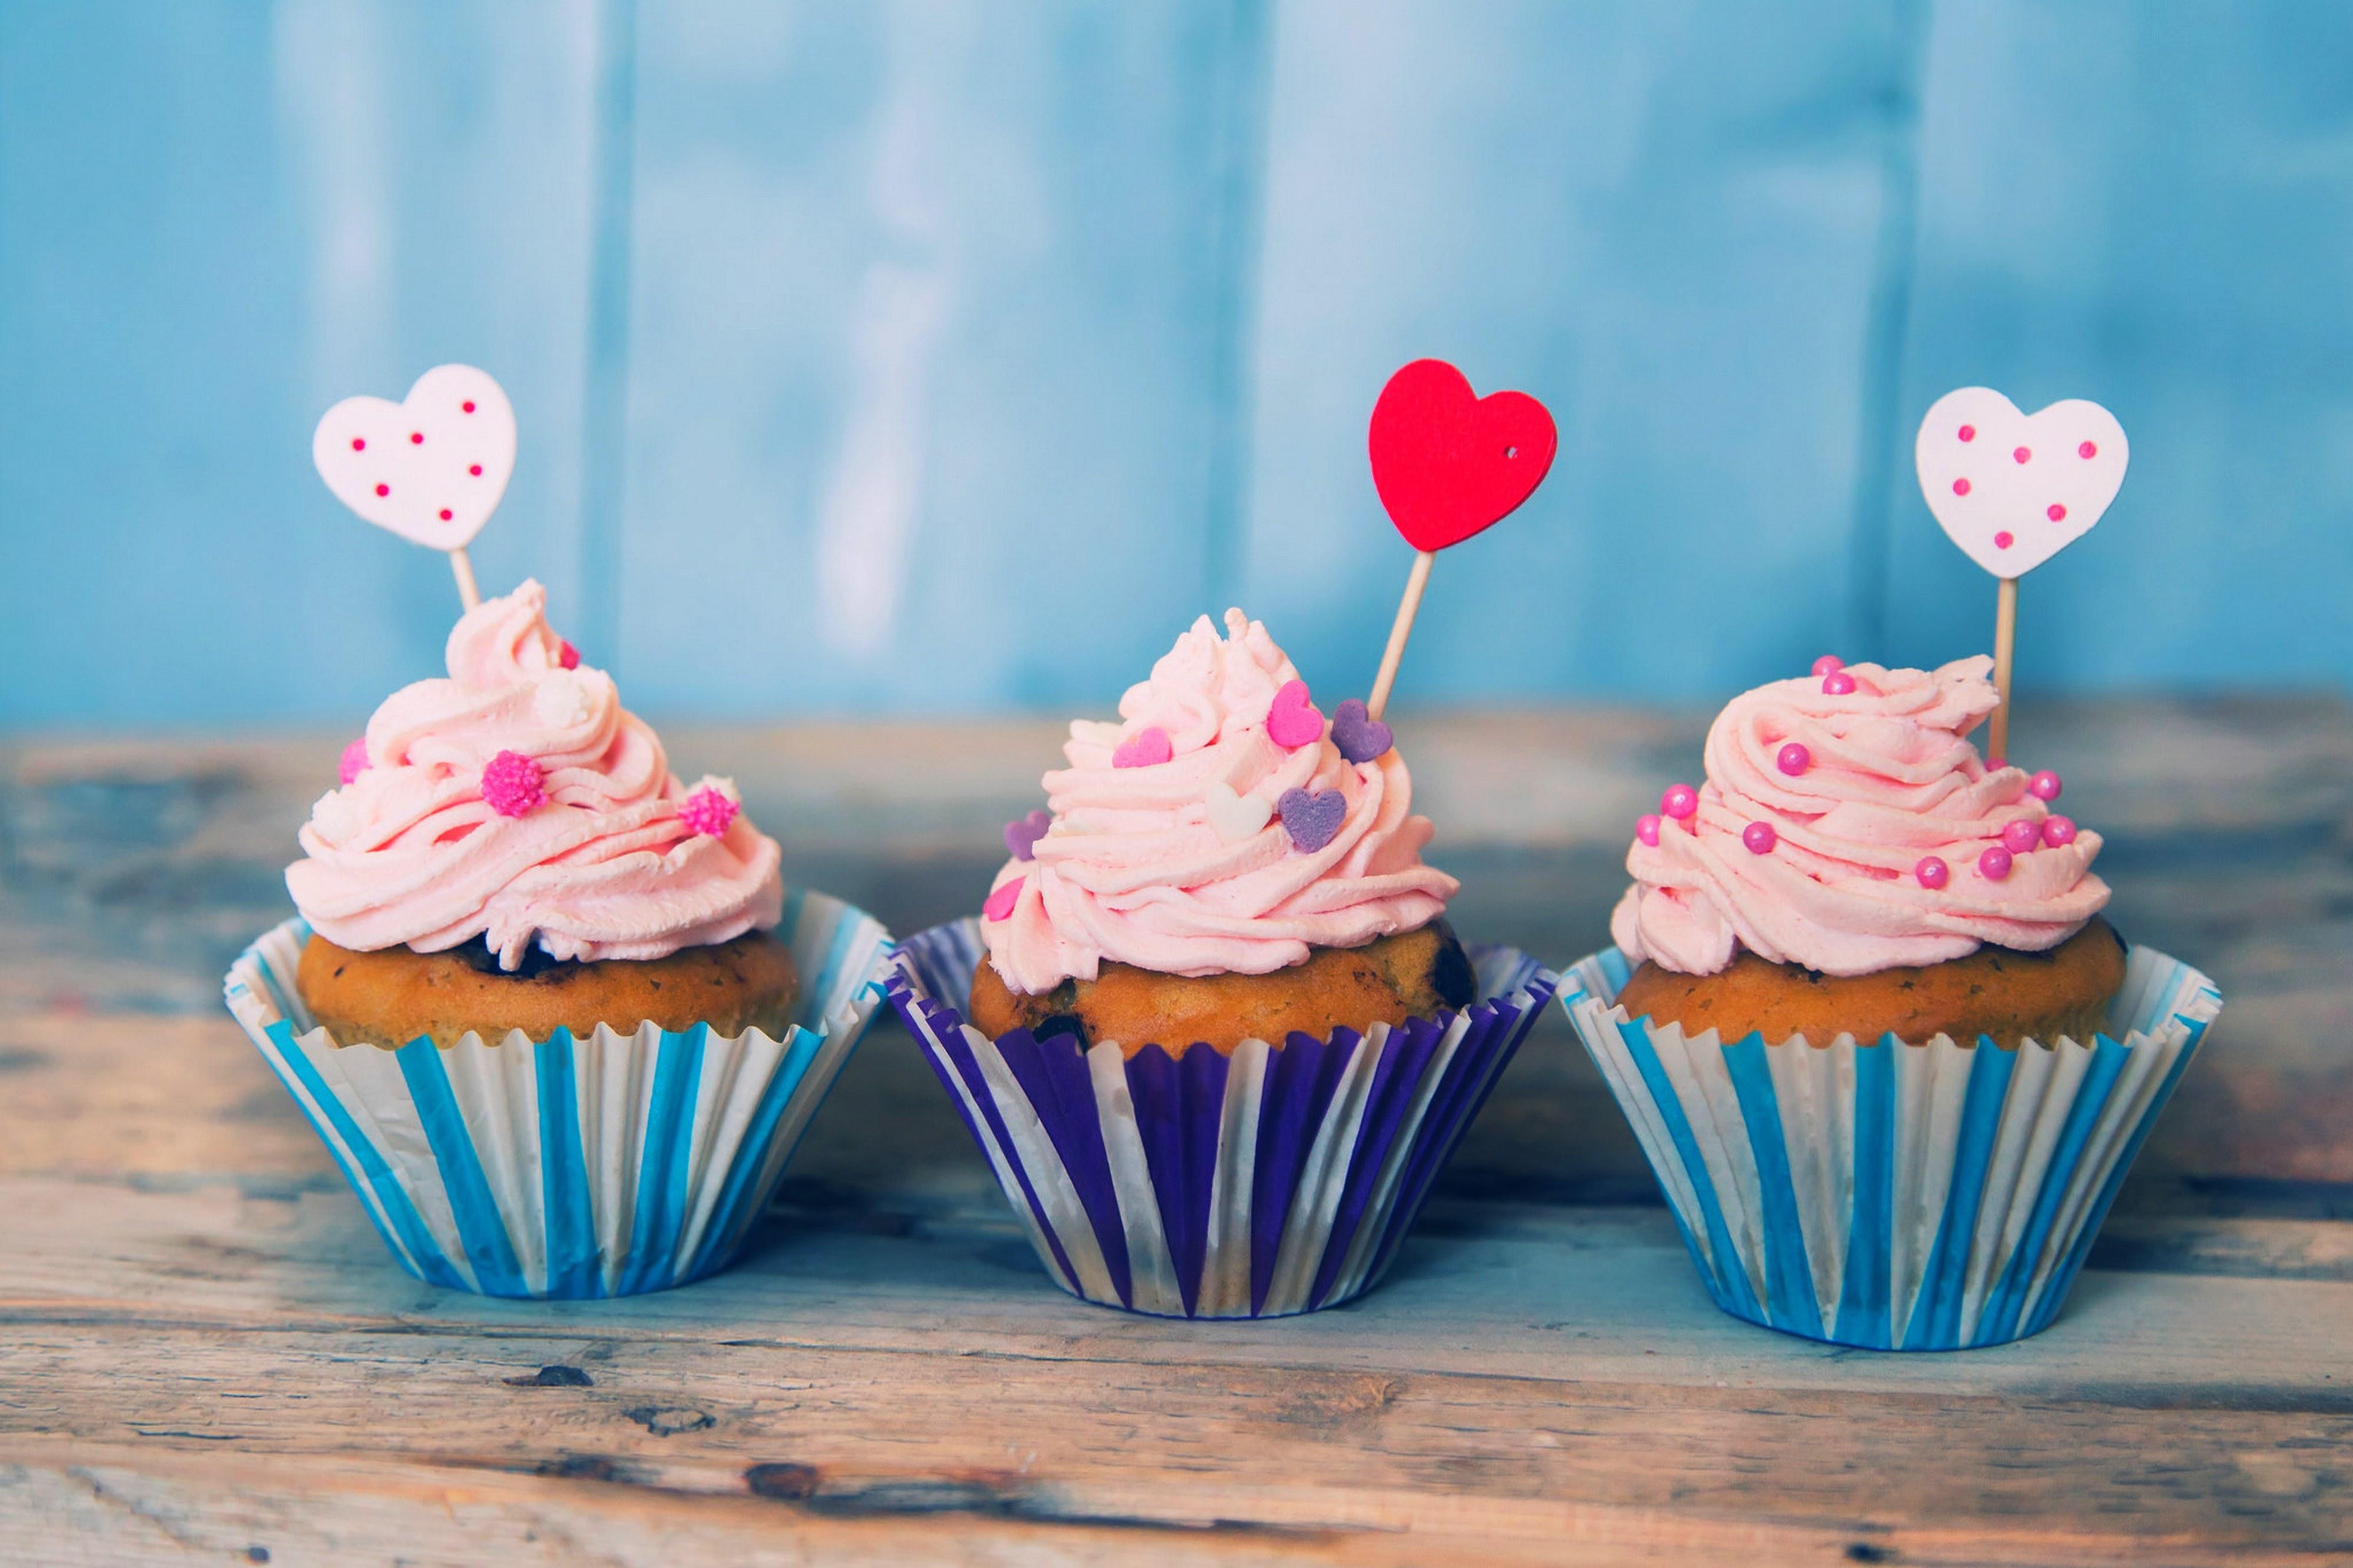 кексы пирожное cupcakes cake  № 132271 без смс